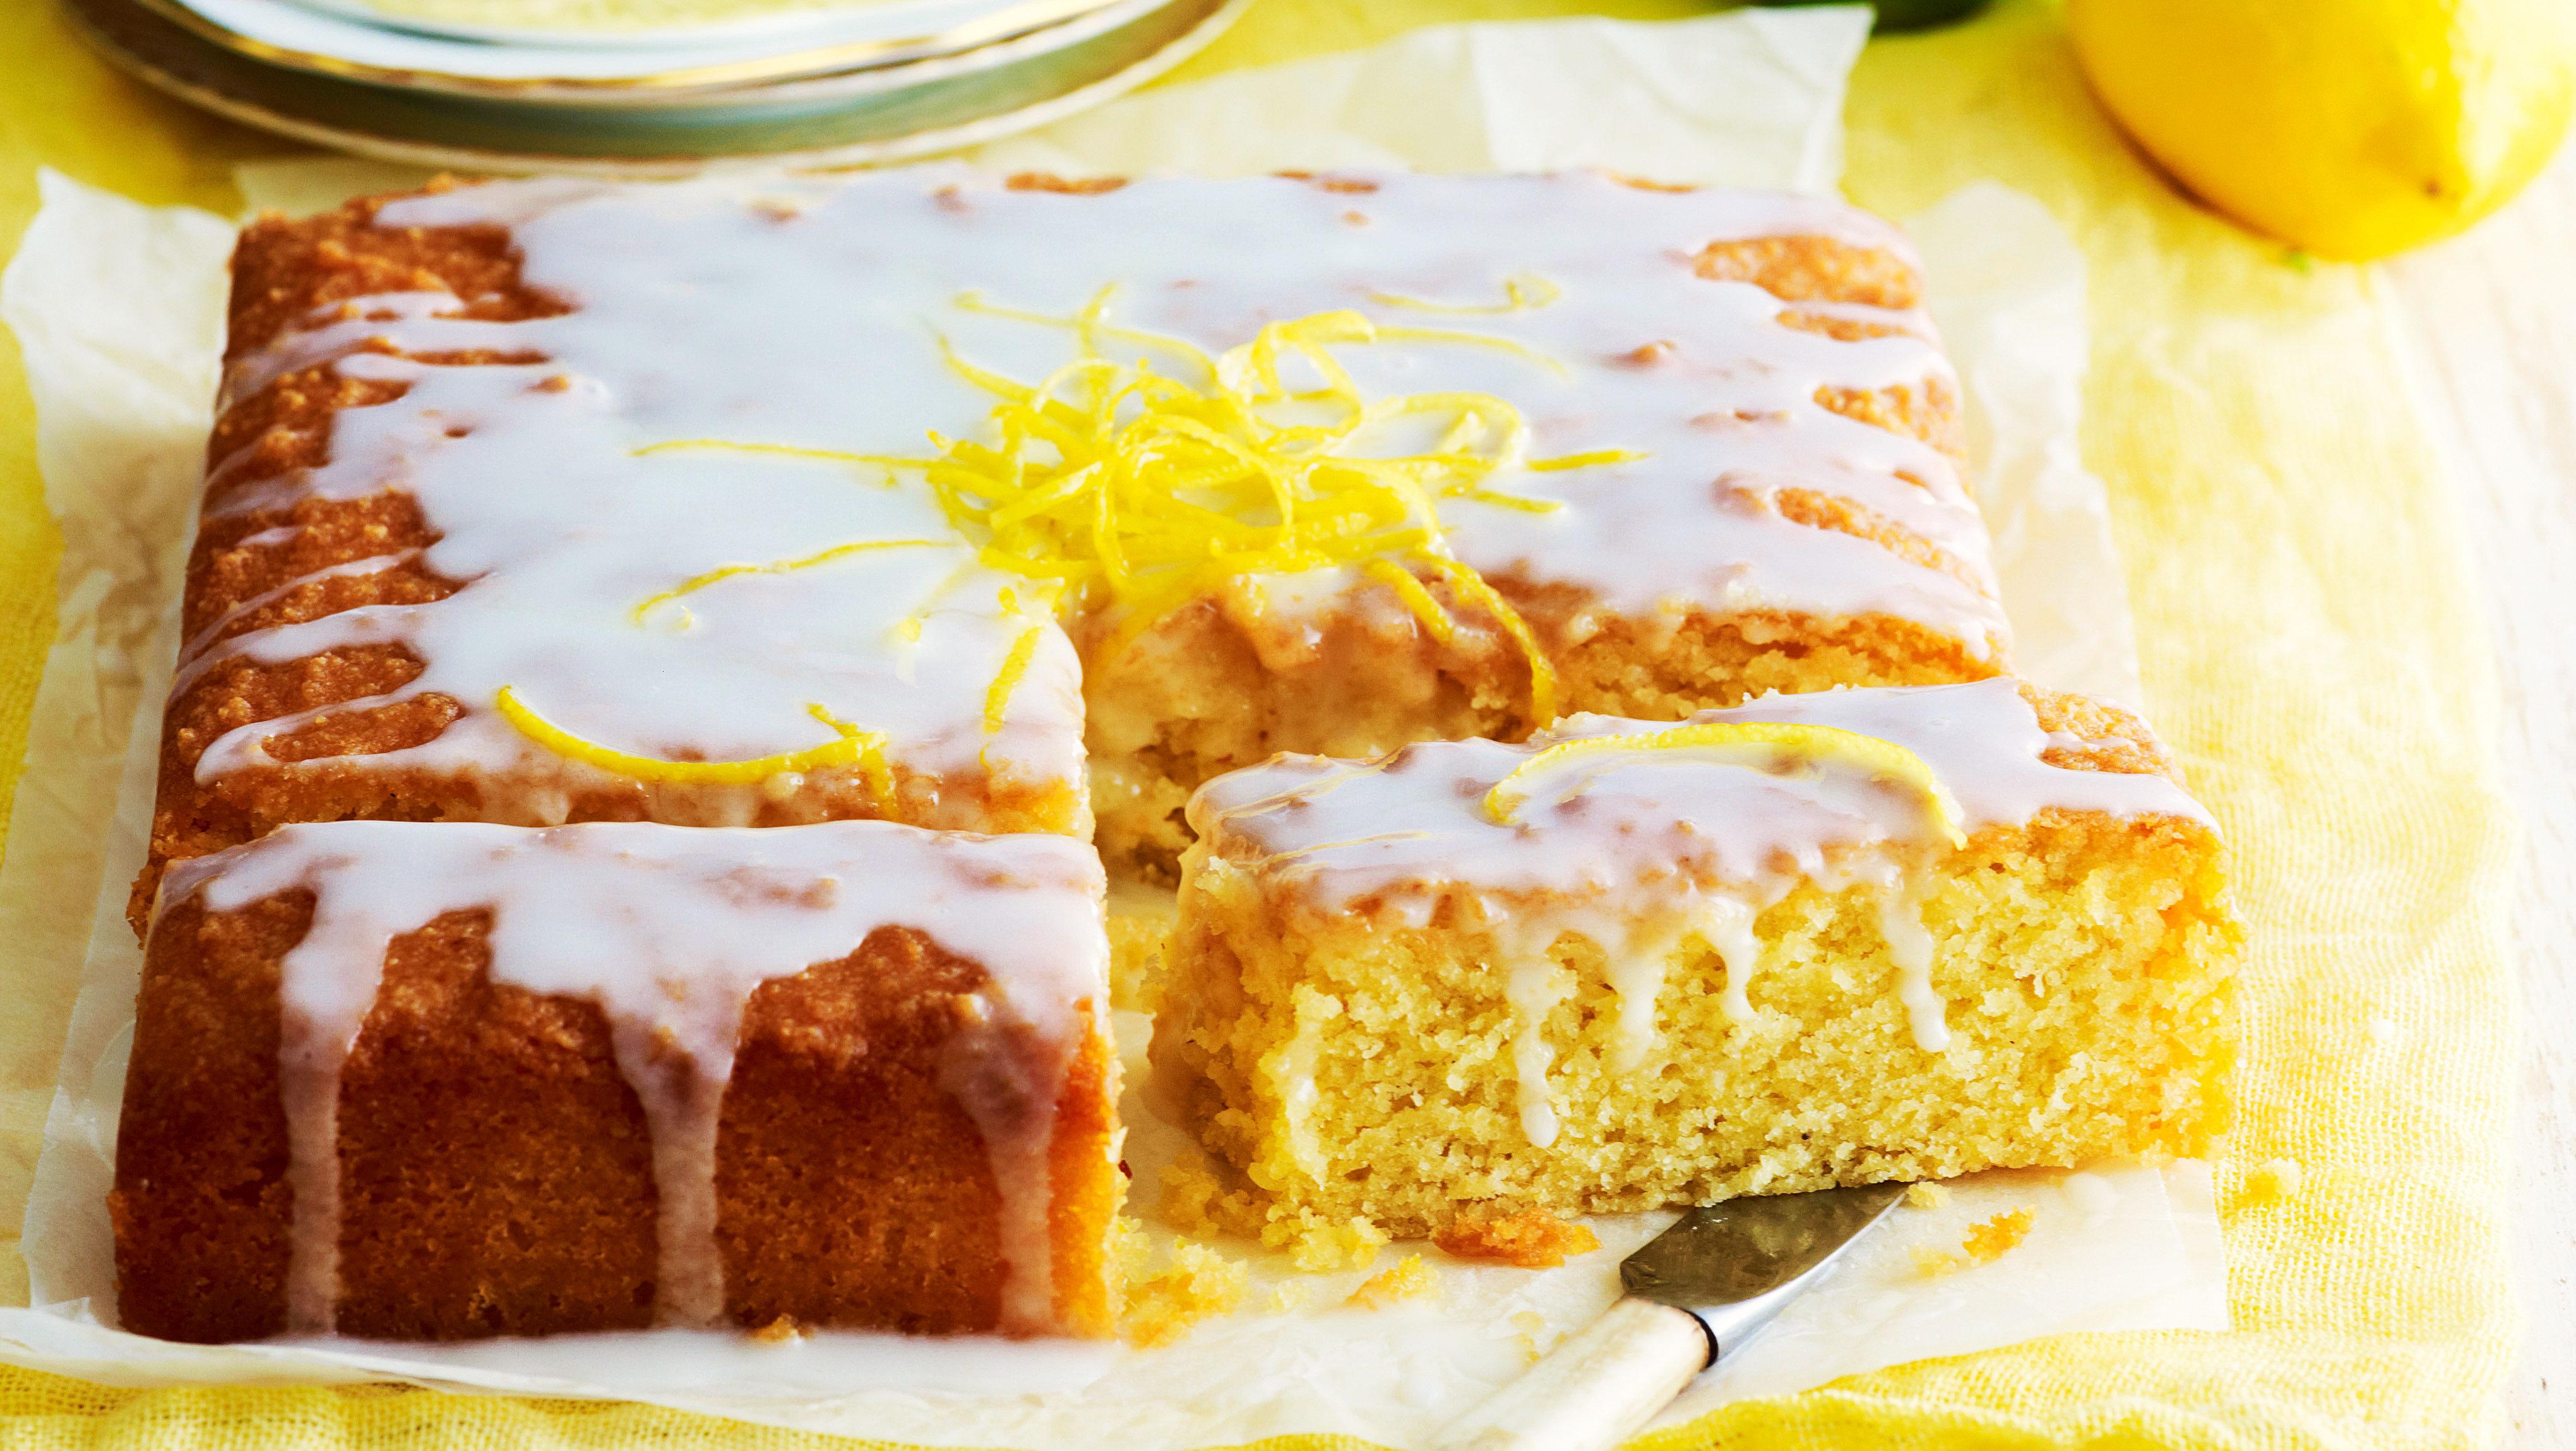 Jamie Oliver Nan S Lemon Drizzle Cake Recipe: Cake Recipe: Lemon Drizzle Cake Ground Almonds Recipe